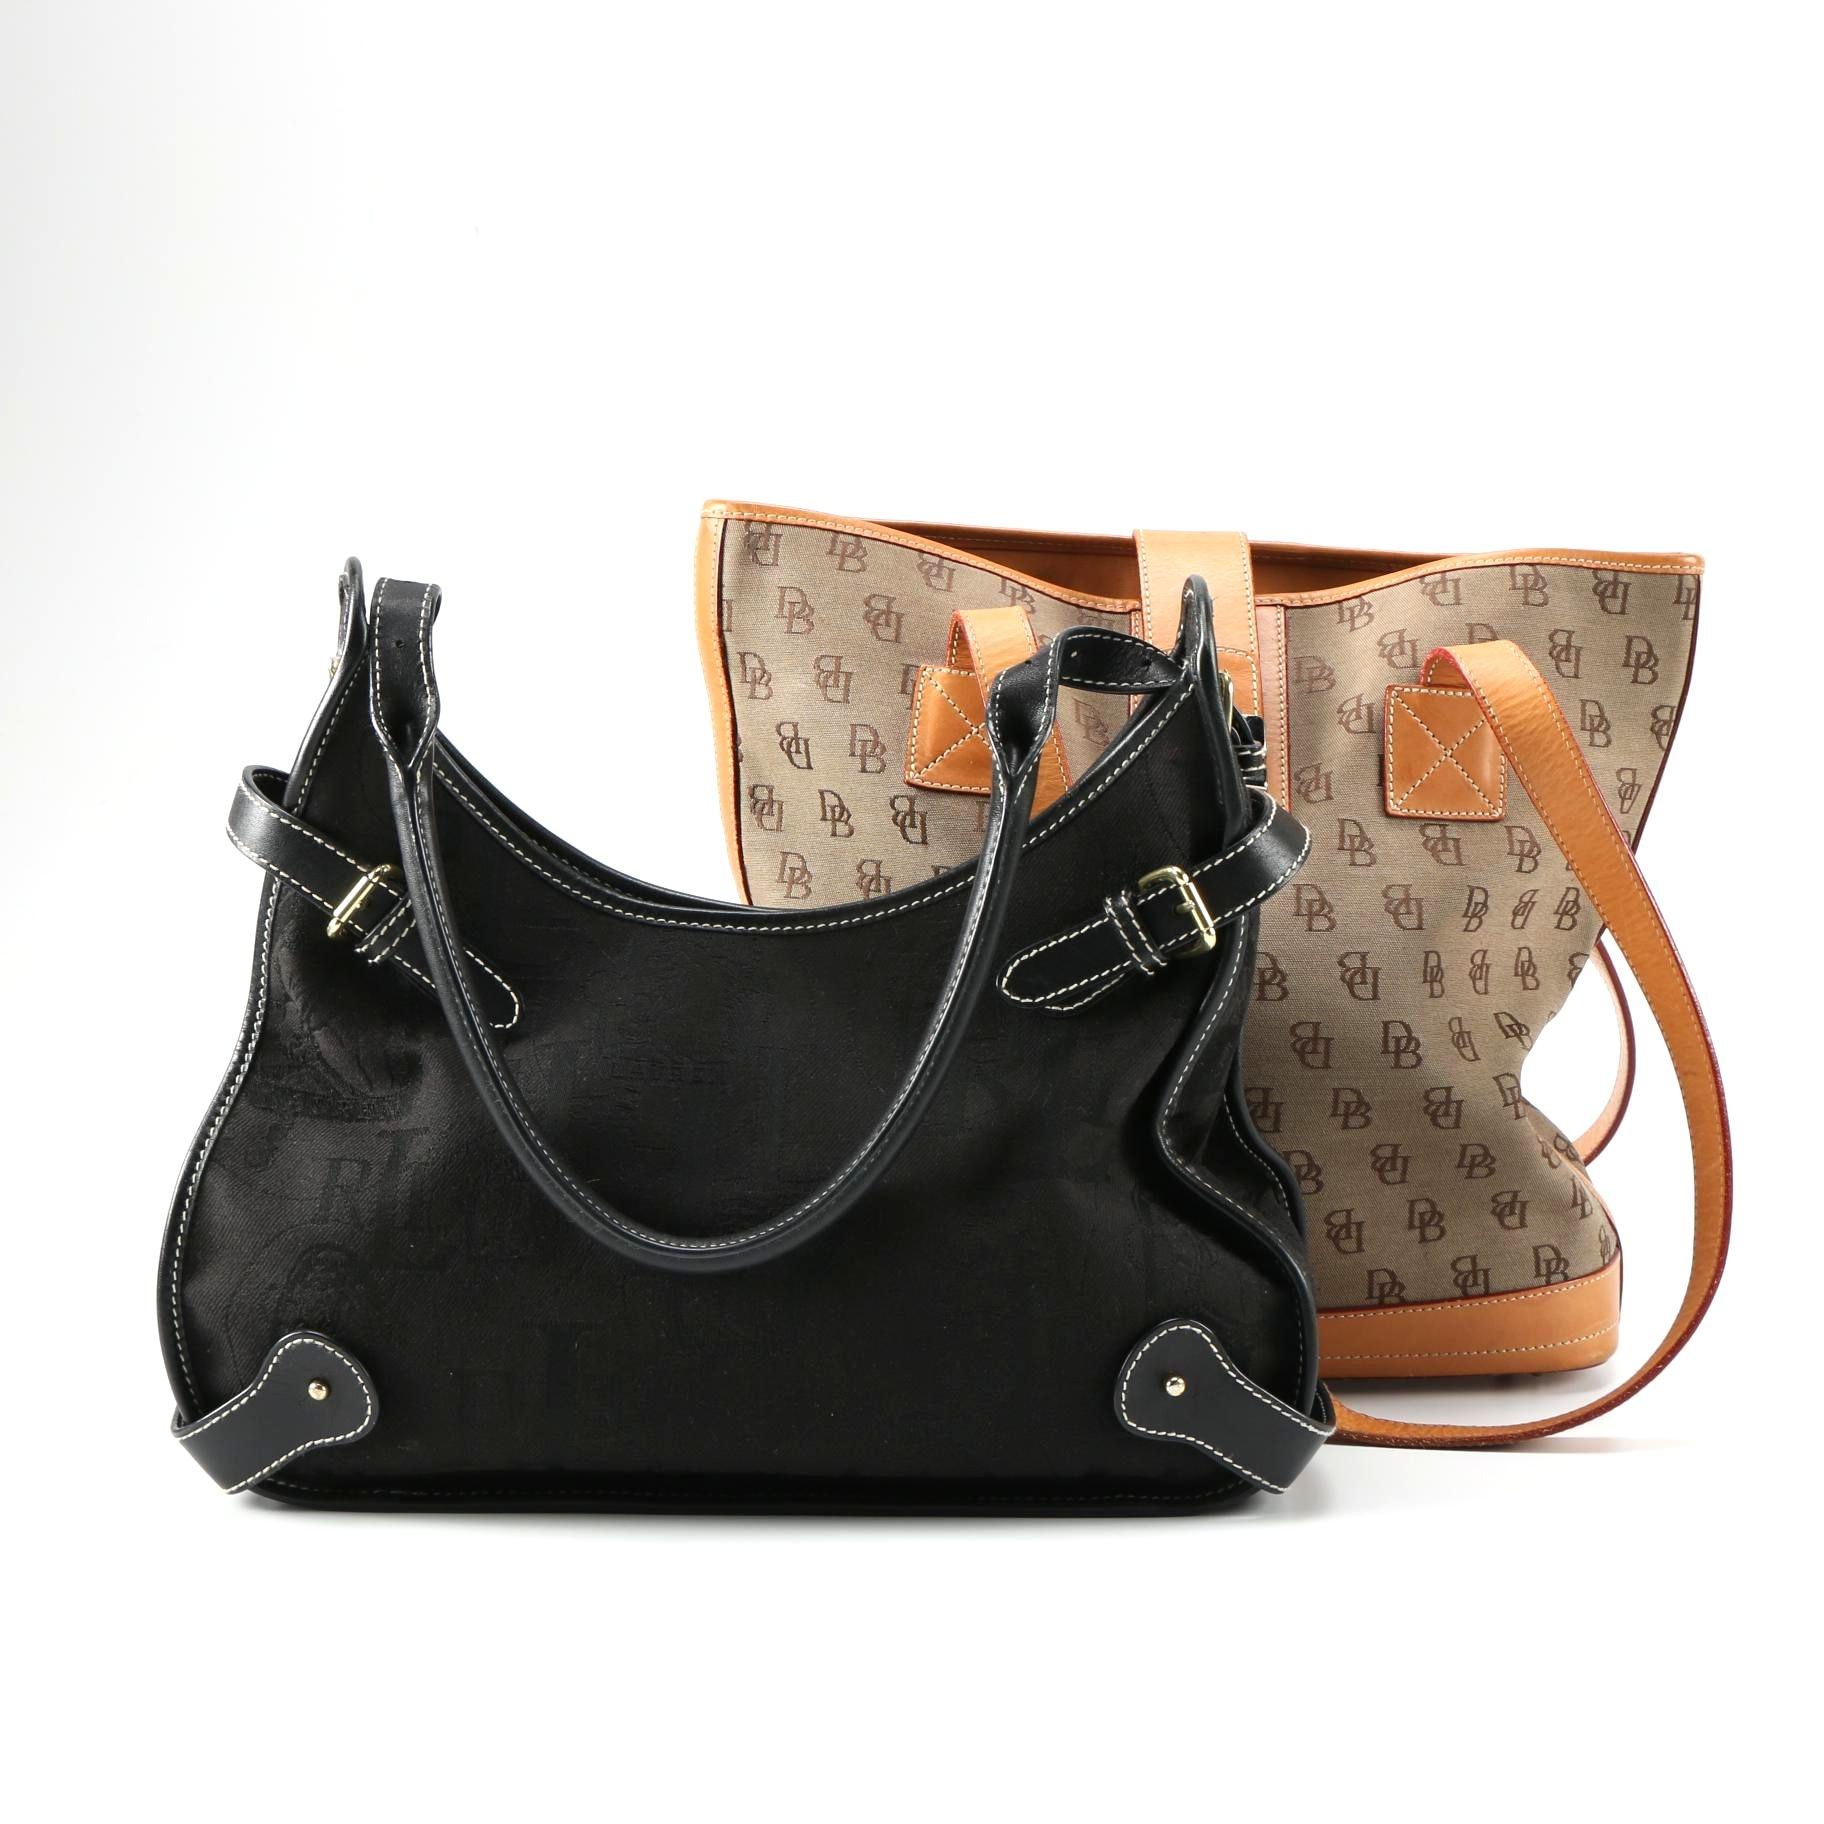 Dooney & Bourke and Lauren by Ralph Lauren Handbags